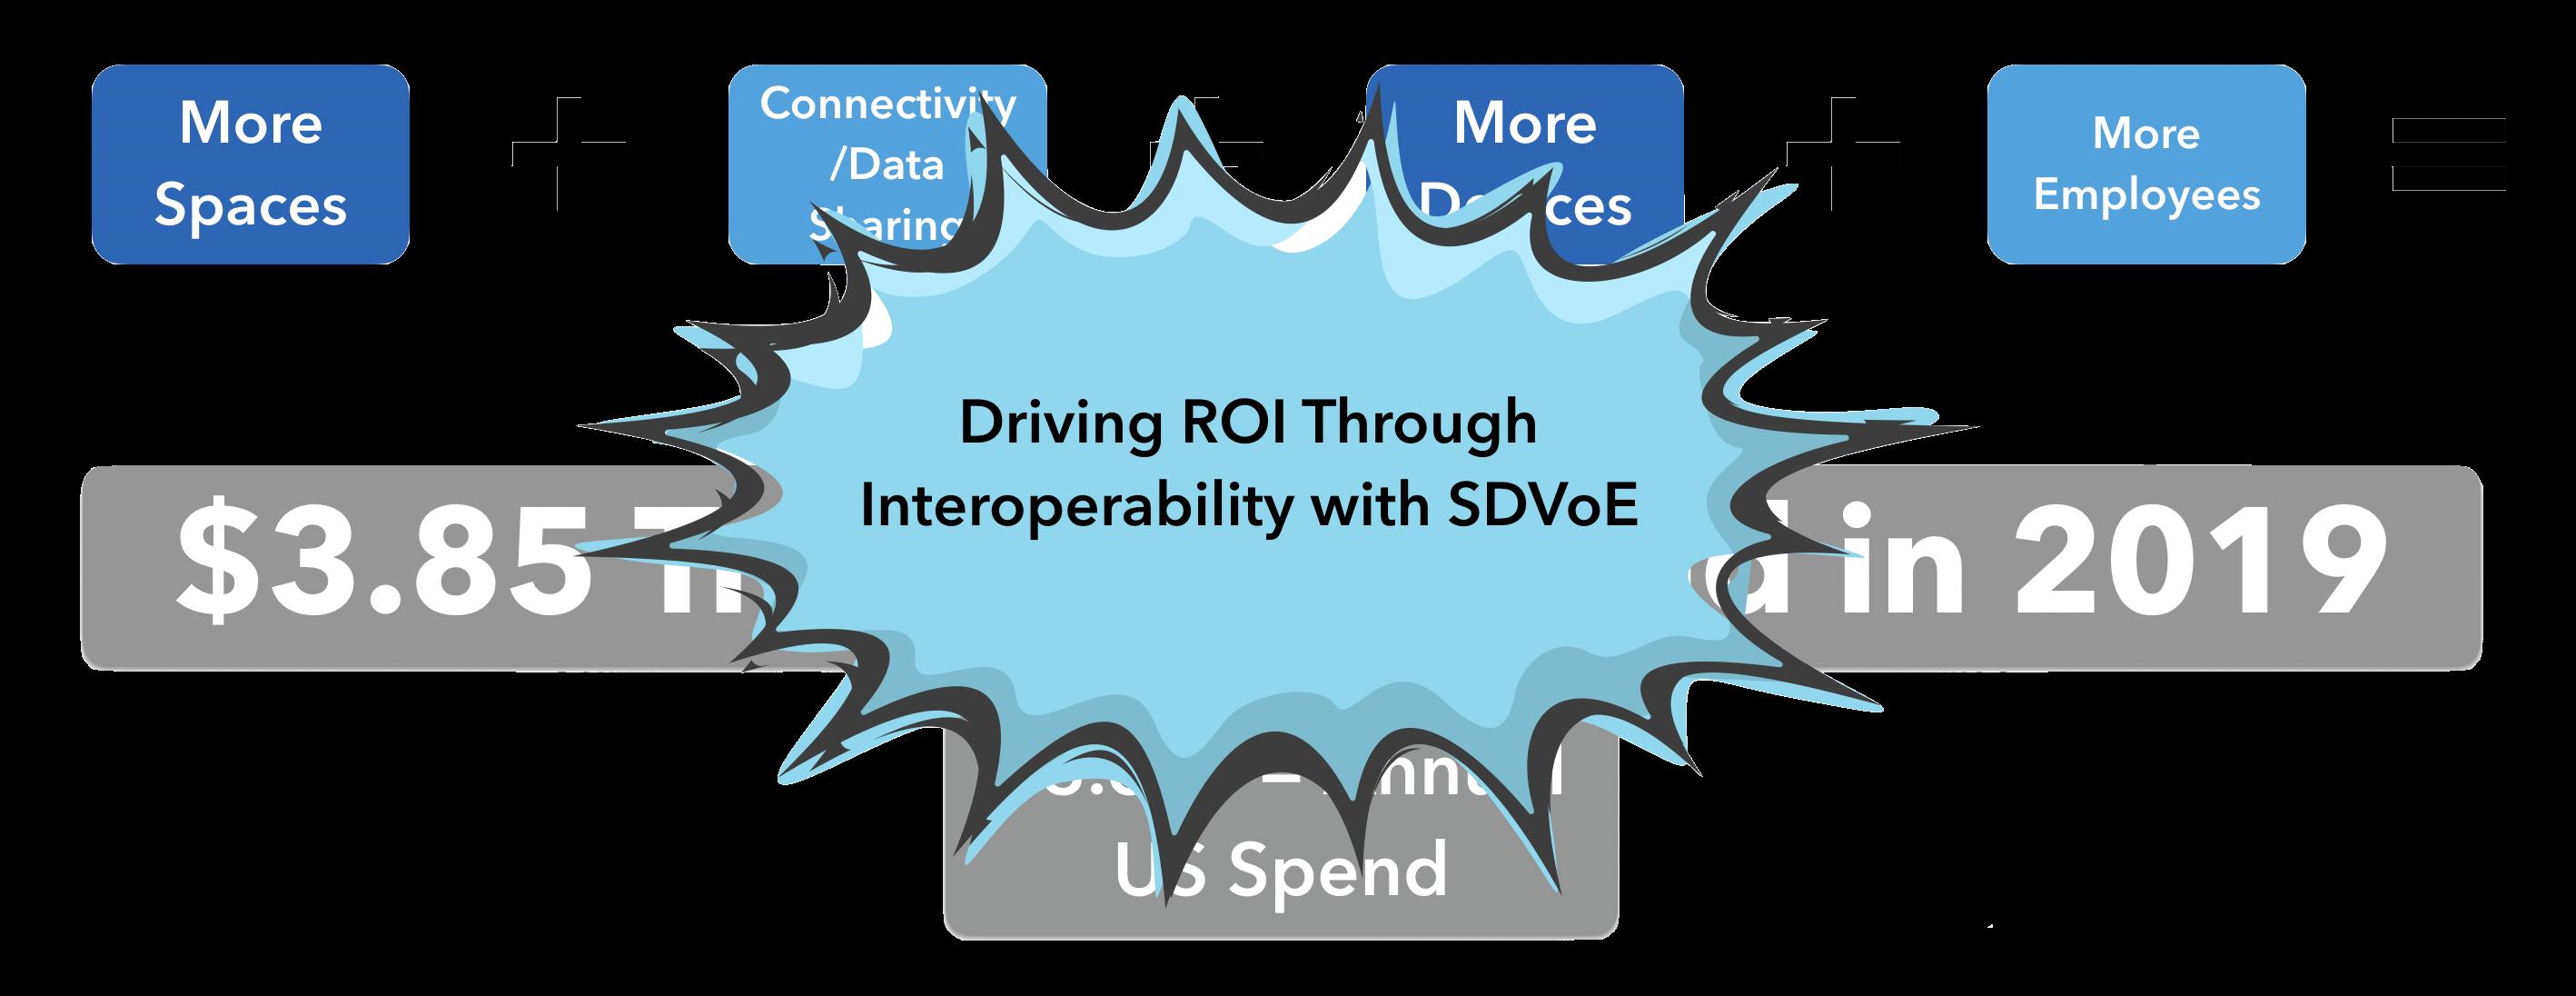 Driving ROI through Interoperability